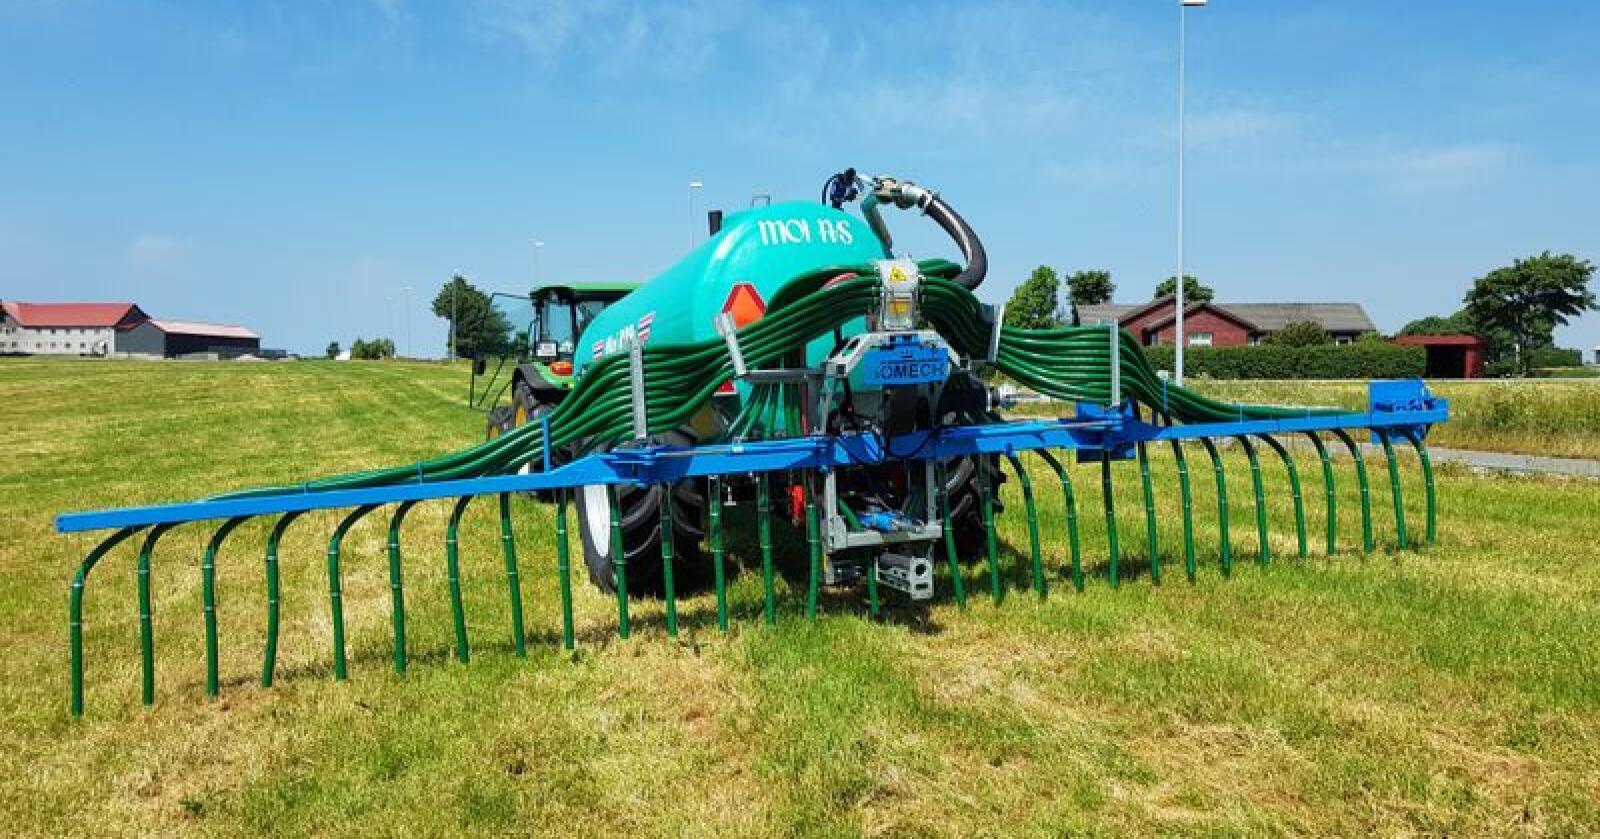 Bomech sin spreiebom kan enkelt flyttast mellom traktor og gjødselvogn. Foto: Moi